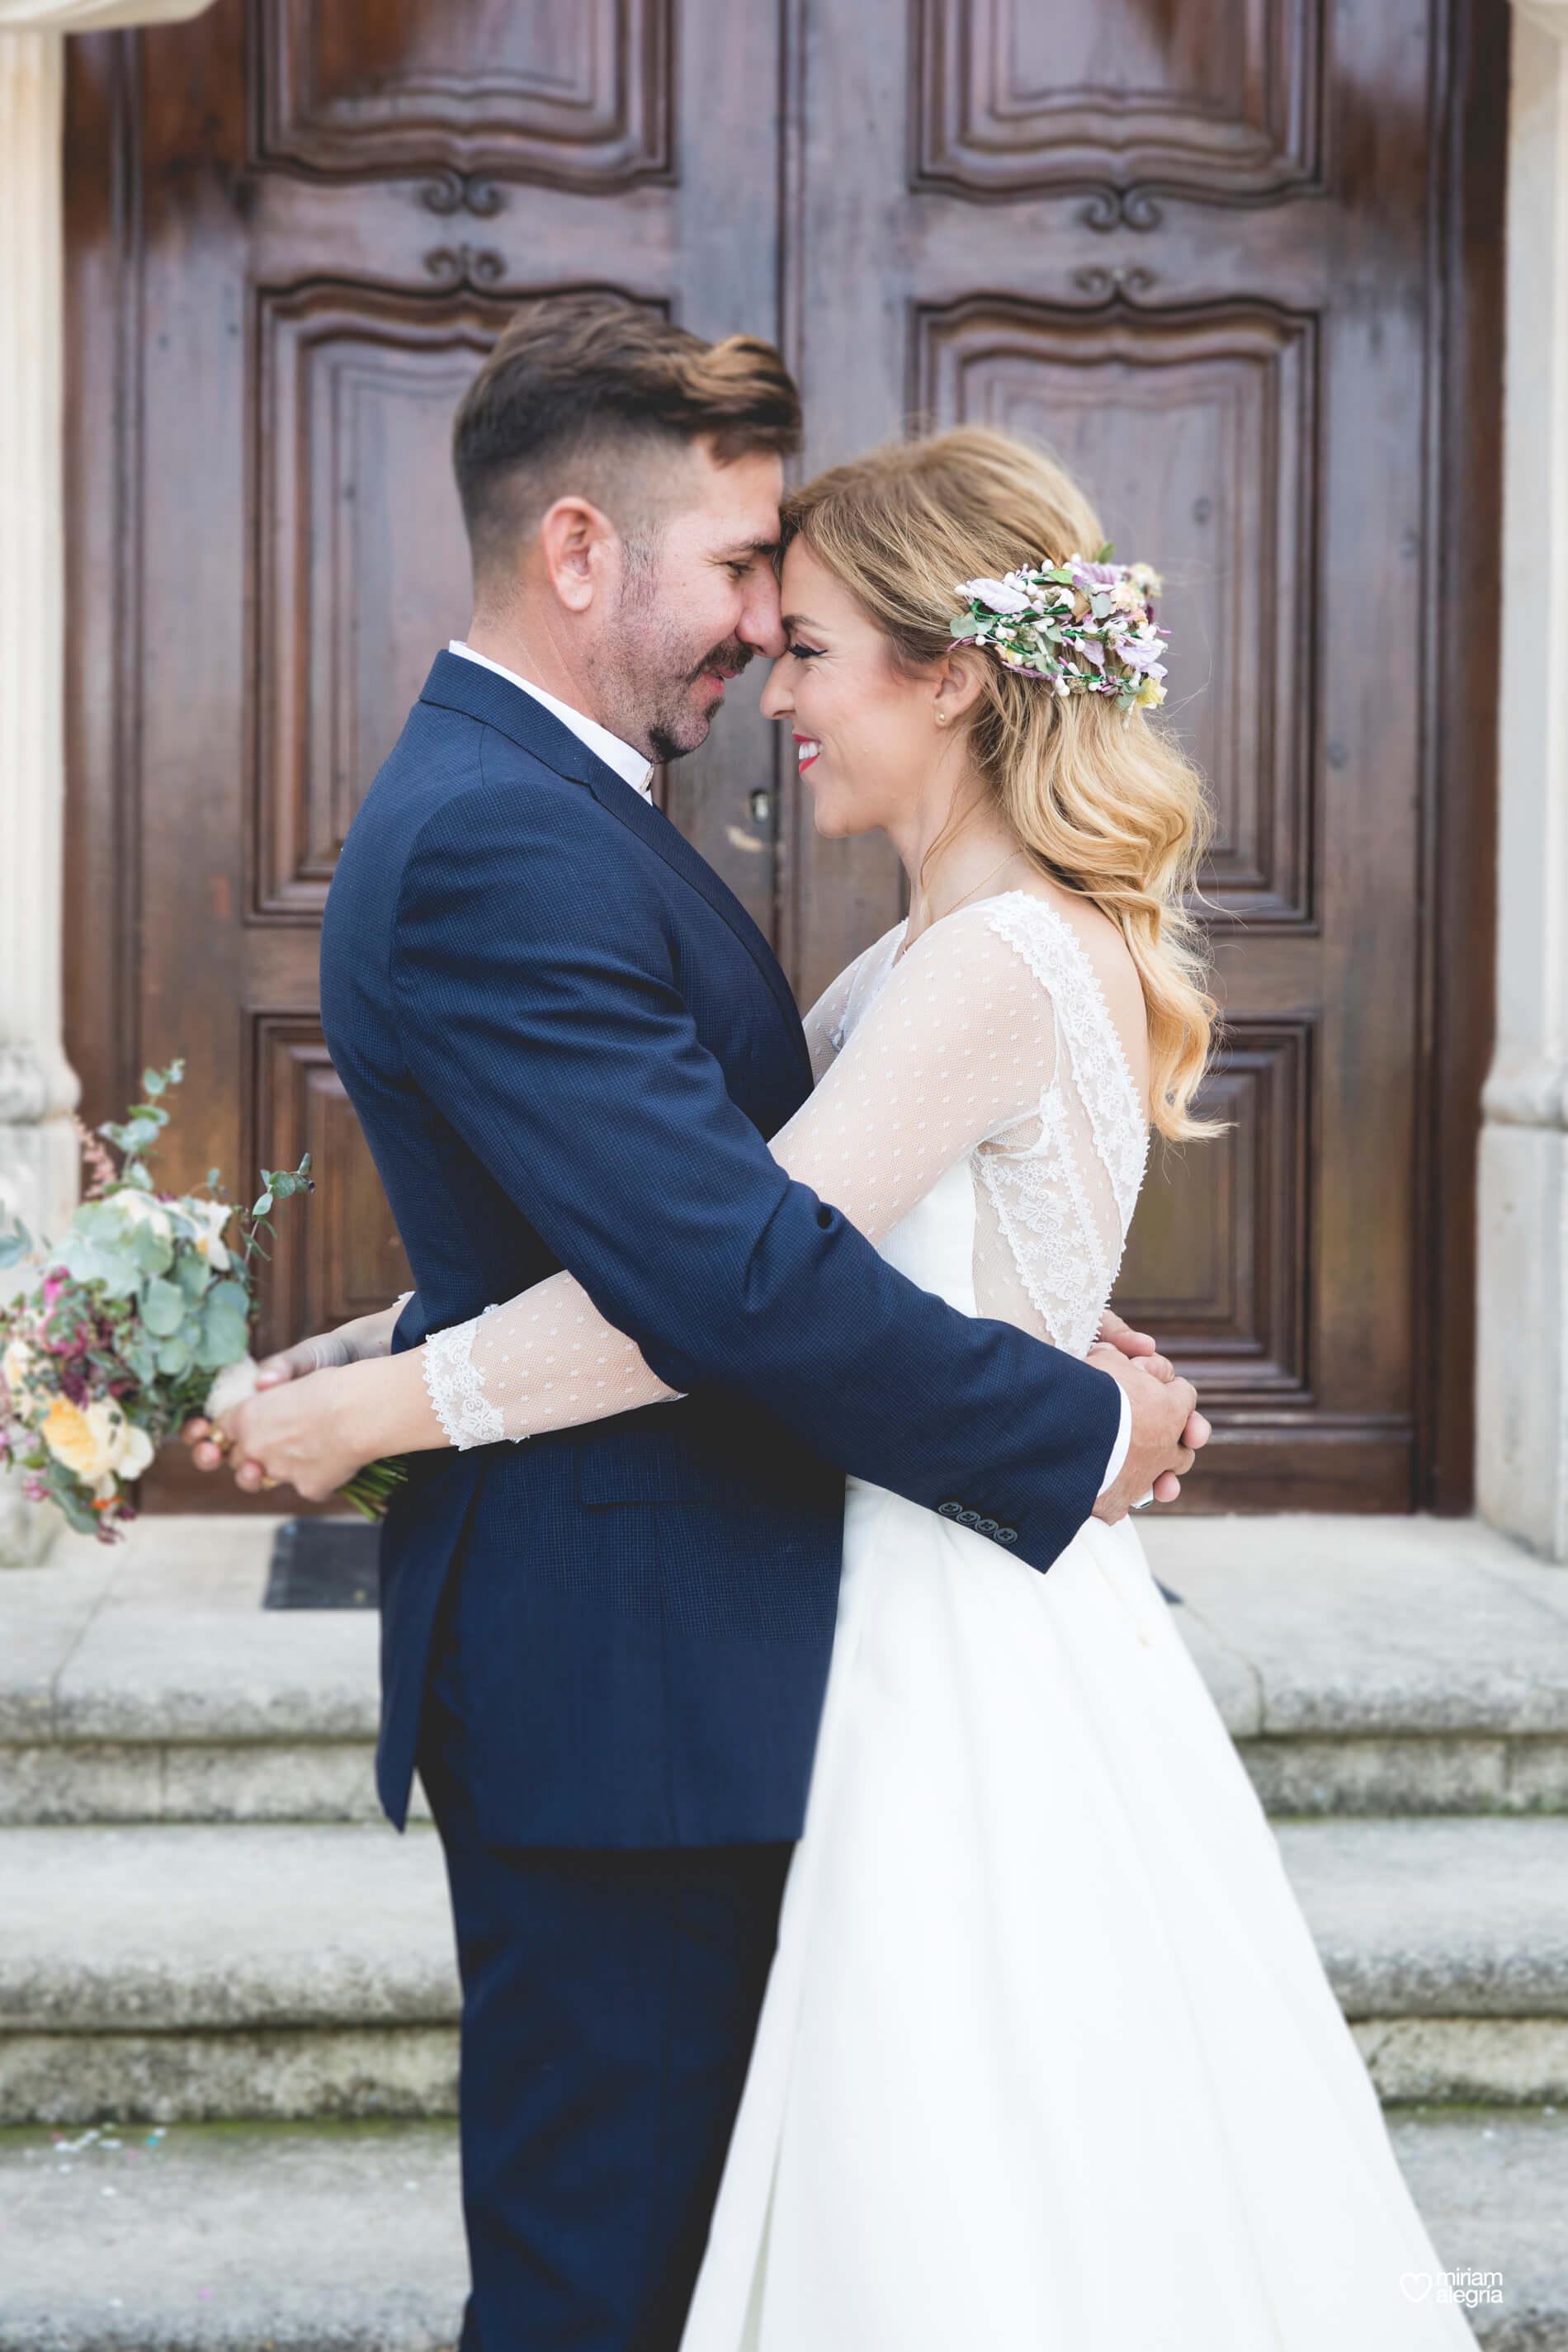 boda-en-finca-villa-vera-de-alemc7-miriam-alegria-fotografos-boda-murcia-114